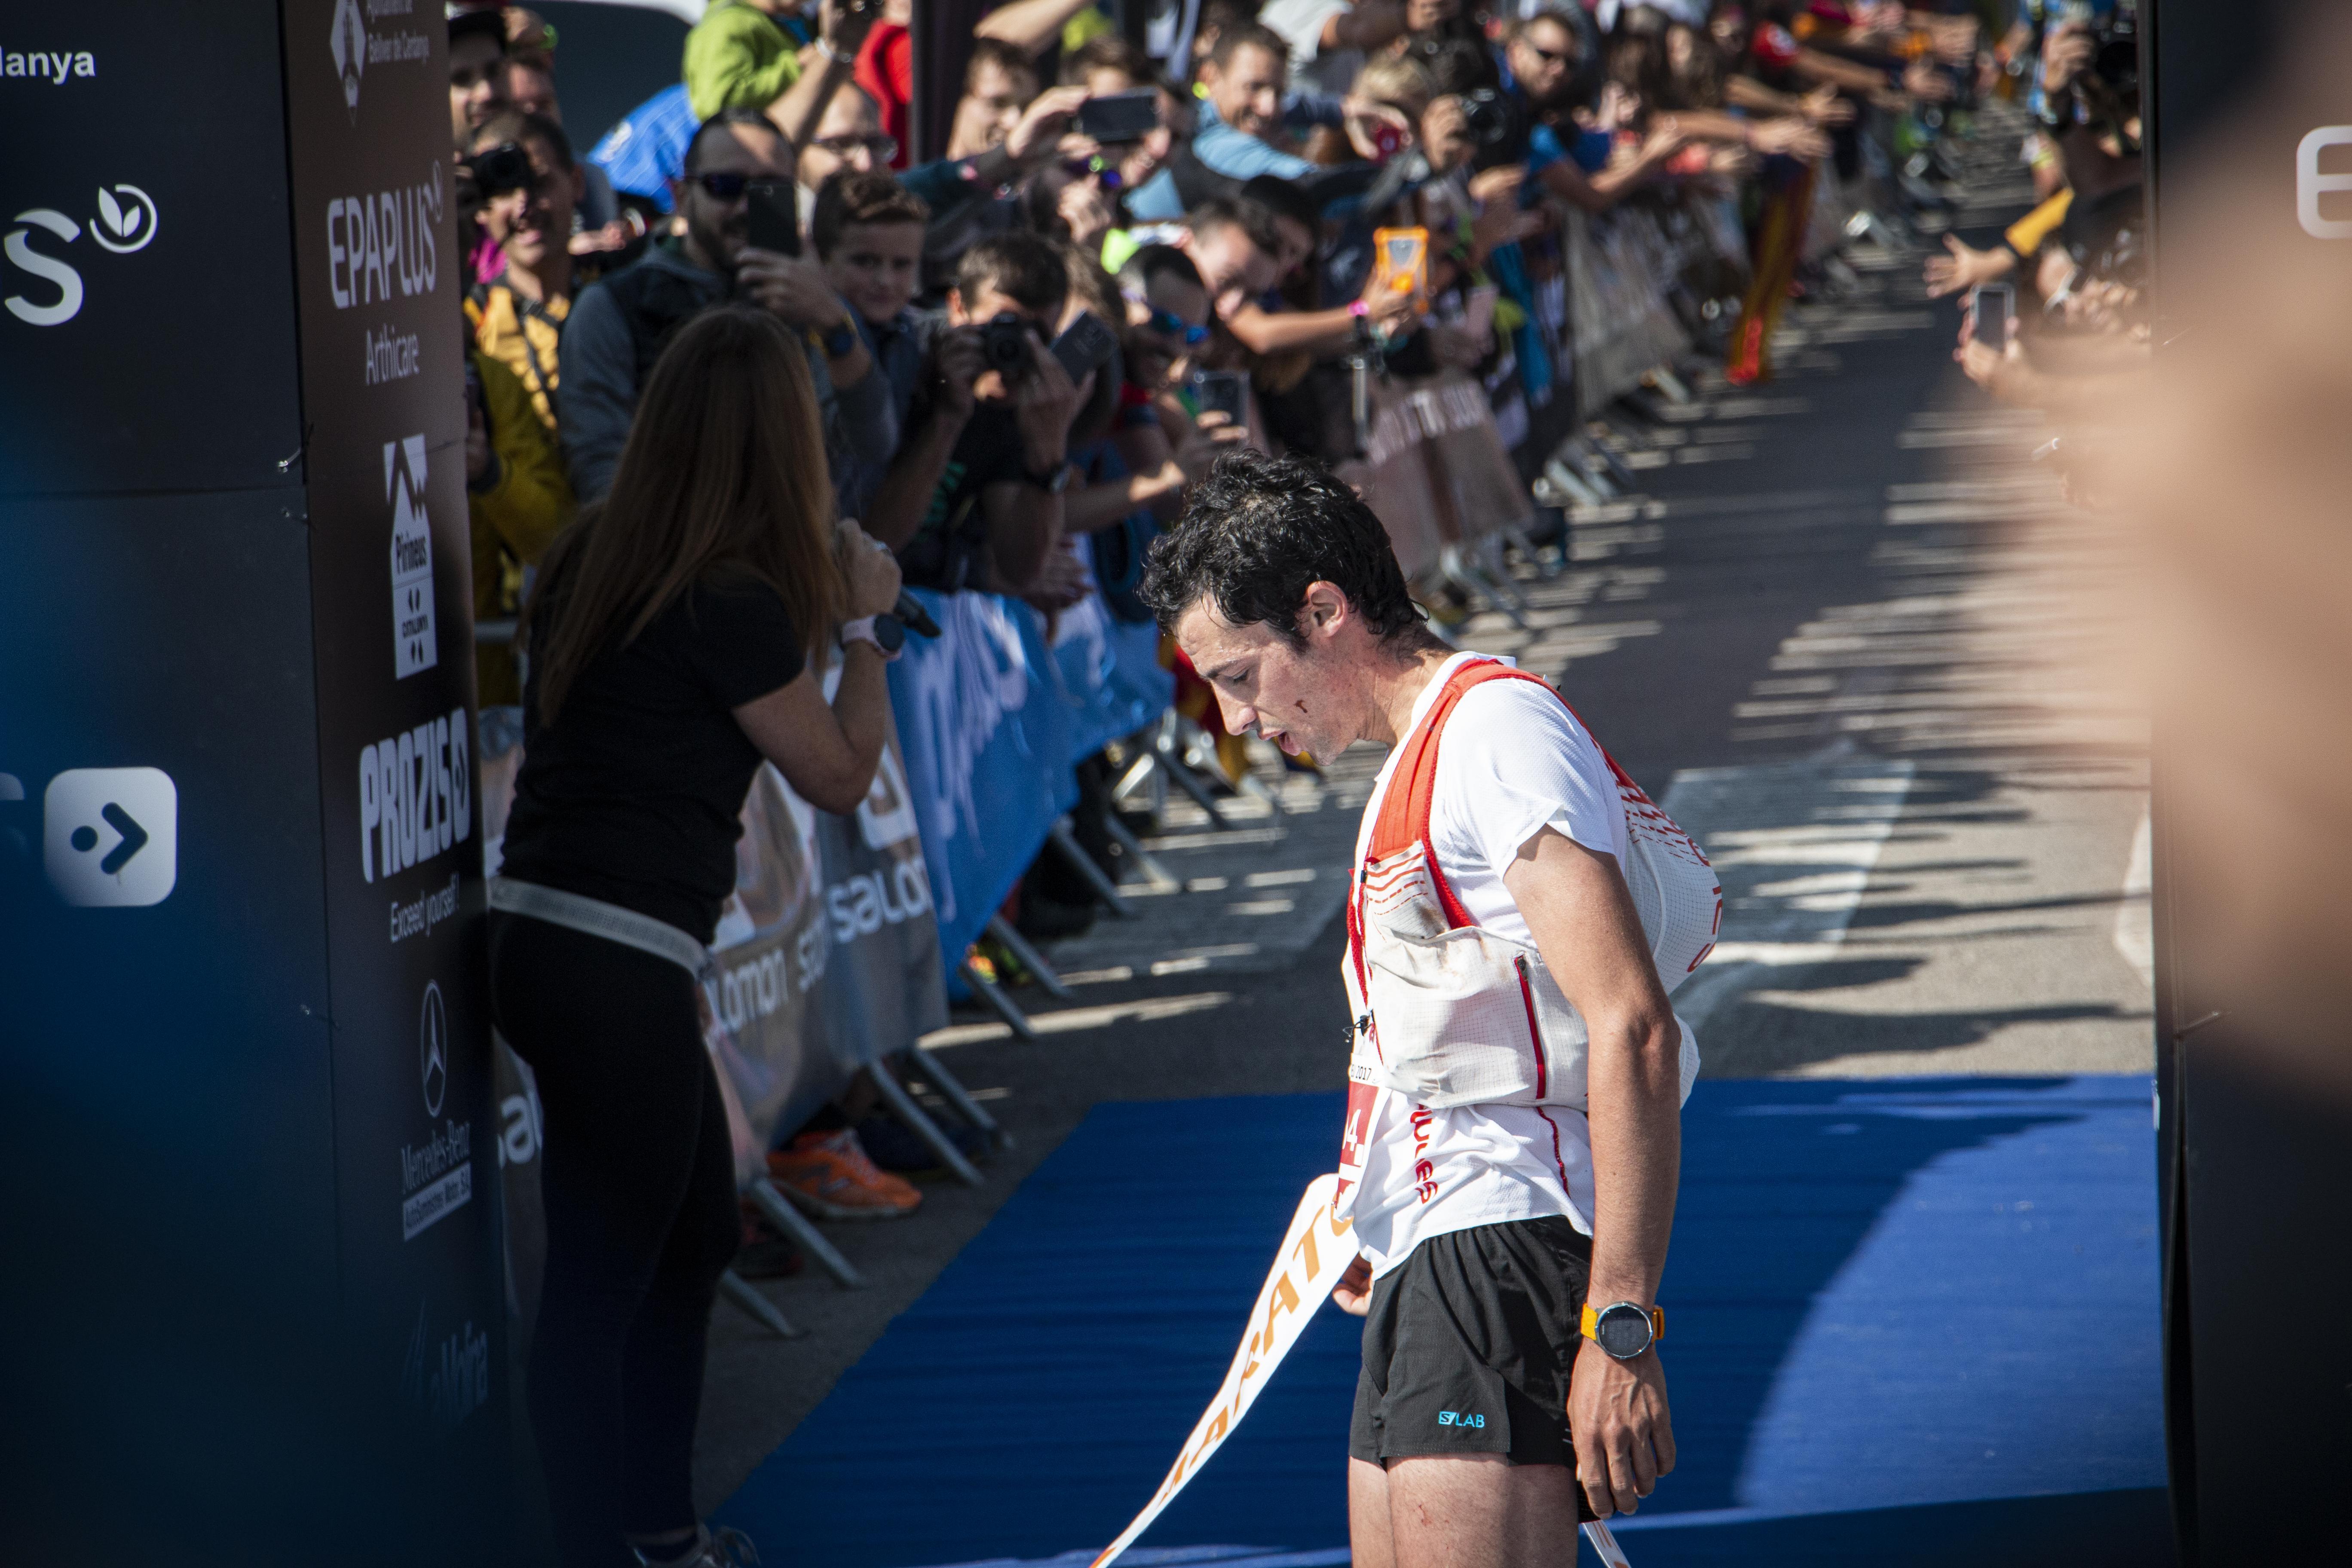 Kilian Jornet, guanyador de la Marató Pirineu 2017, enguany es penjarà un dorsal de la modalitat ultra. FOTO: Anna E. Puig